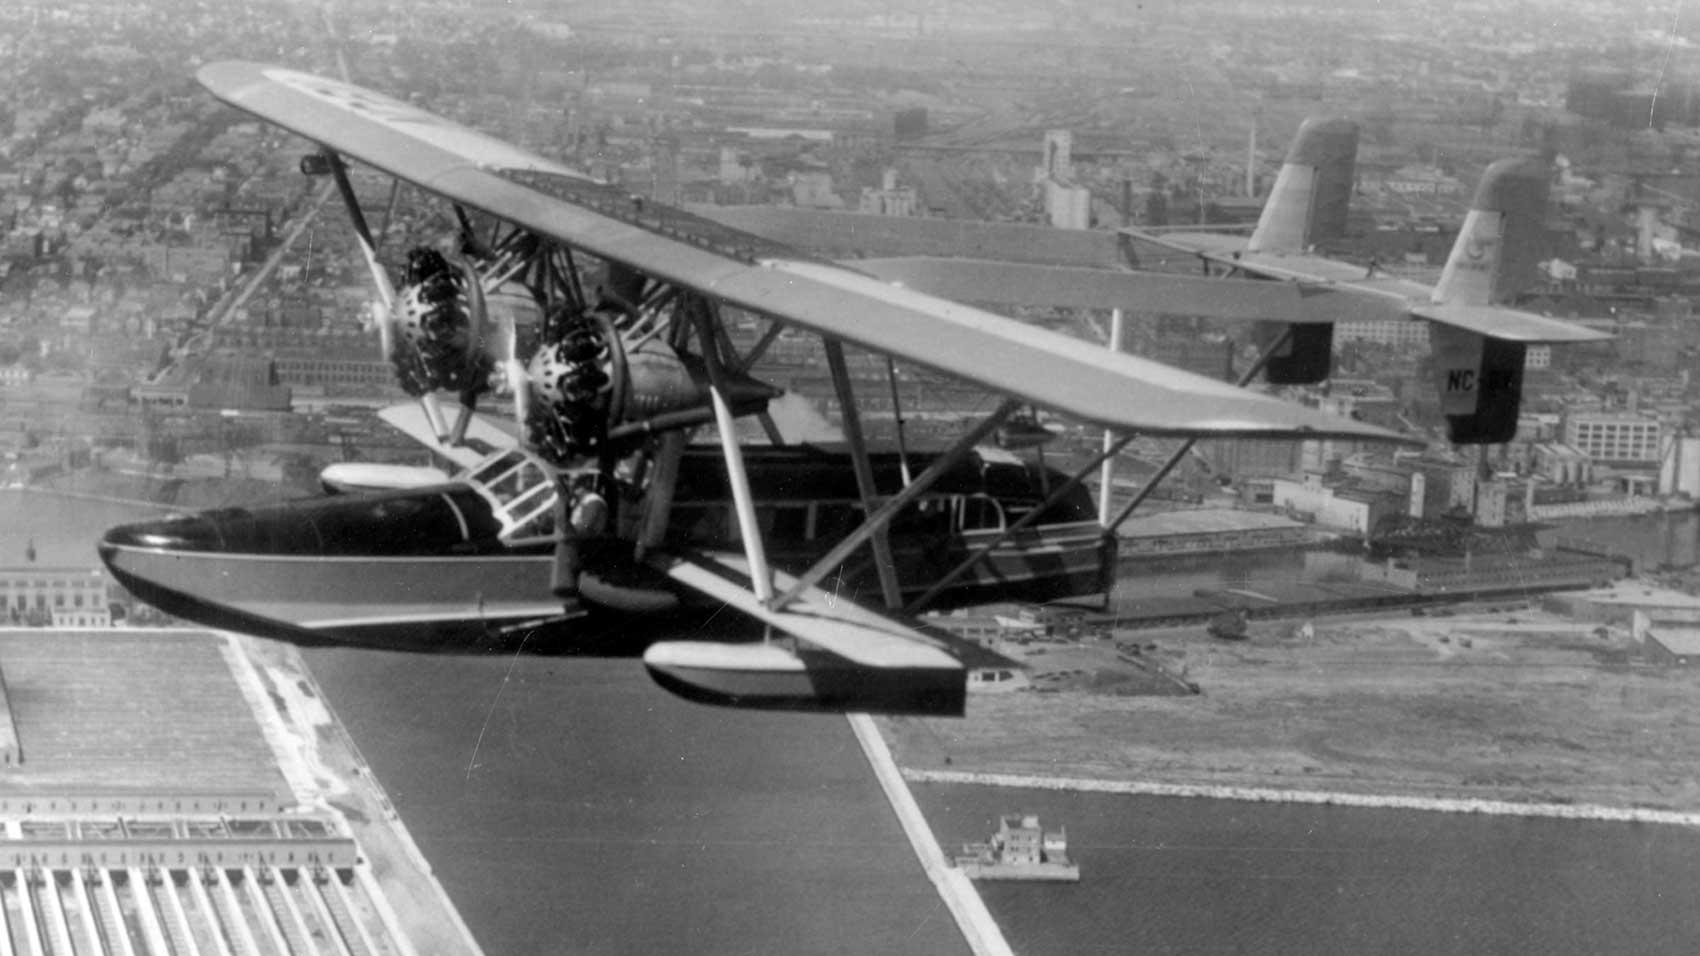 เครื่องบินสะเทินน้ำสะเทินบก Carnaúba ของเฮอร์เบิร์ต จอห์นสัน จูเนียร์กำลังมุ่งหน้าไปประเทศบราซิล